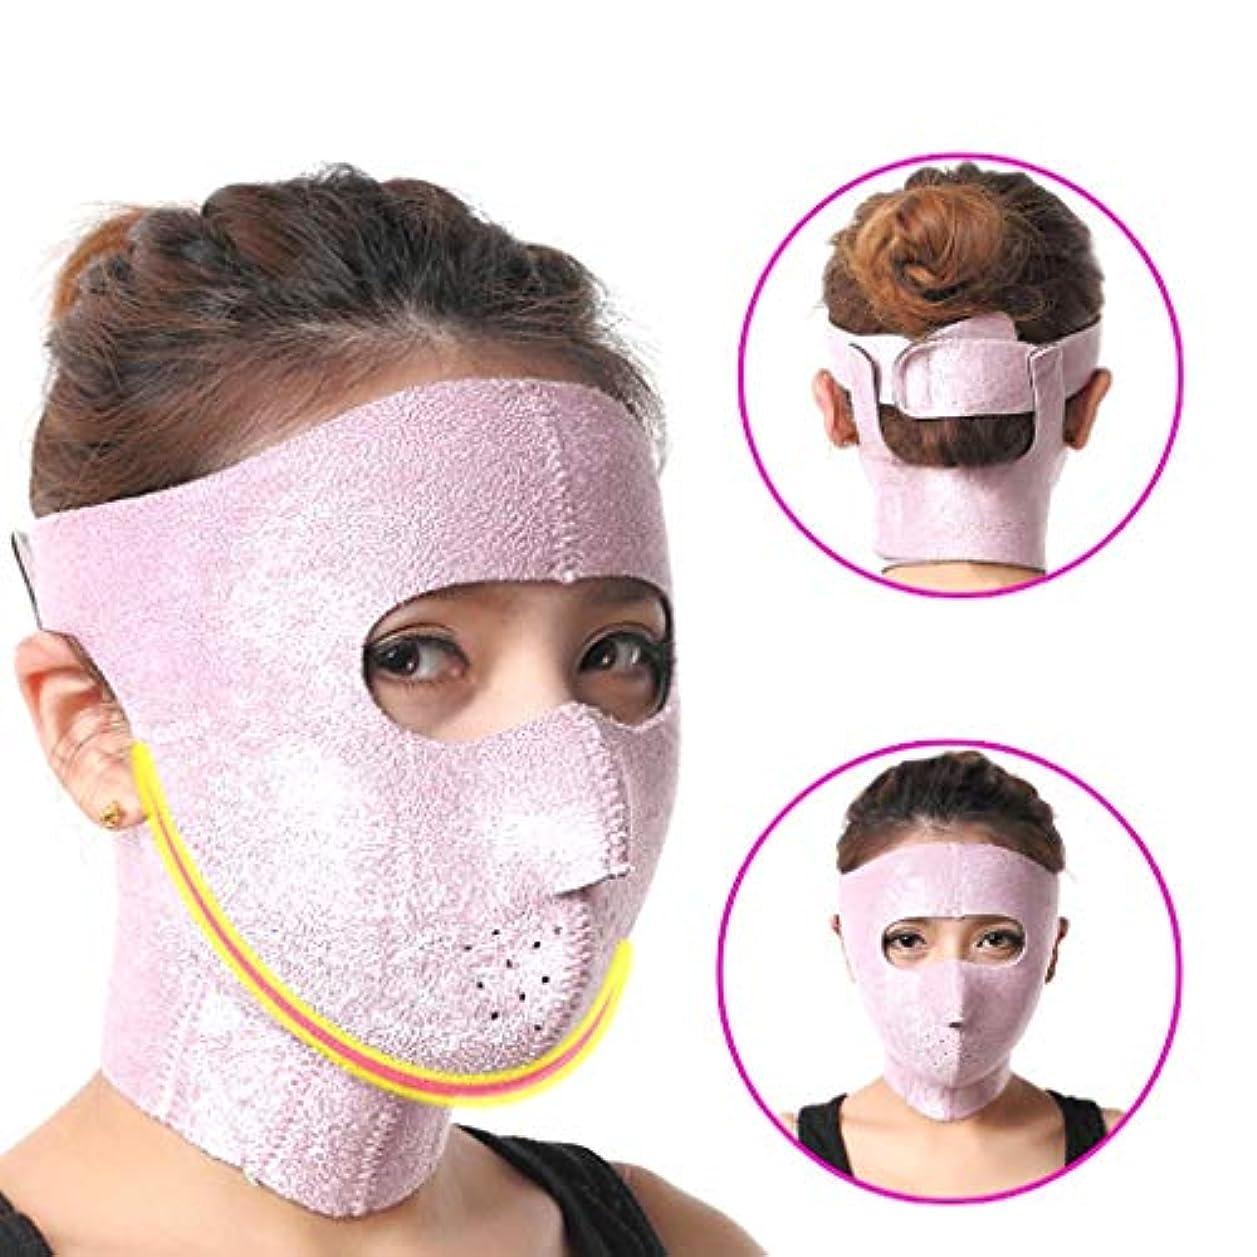 人口癒す種をまくXHLMRMJ 薄いあご修正ツール、顔リフティングマスク、リフティングファーミング、Vフェイシャルマスク、改良された咬筋二重あご、男性と女性の両方に適しています